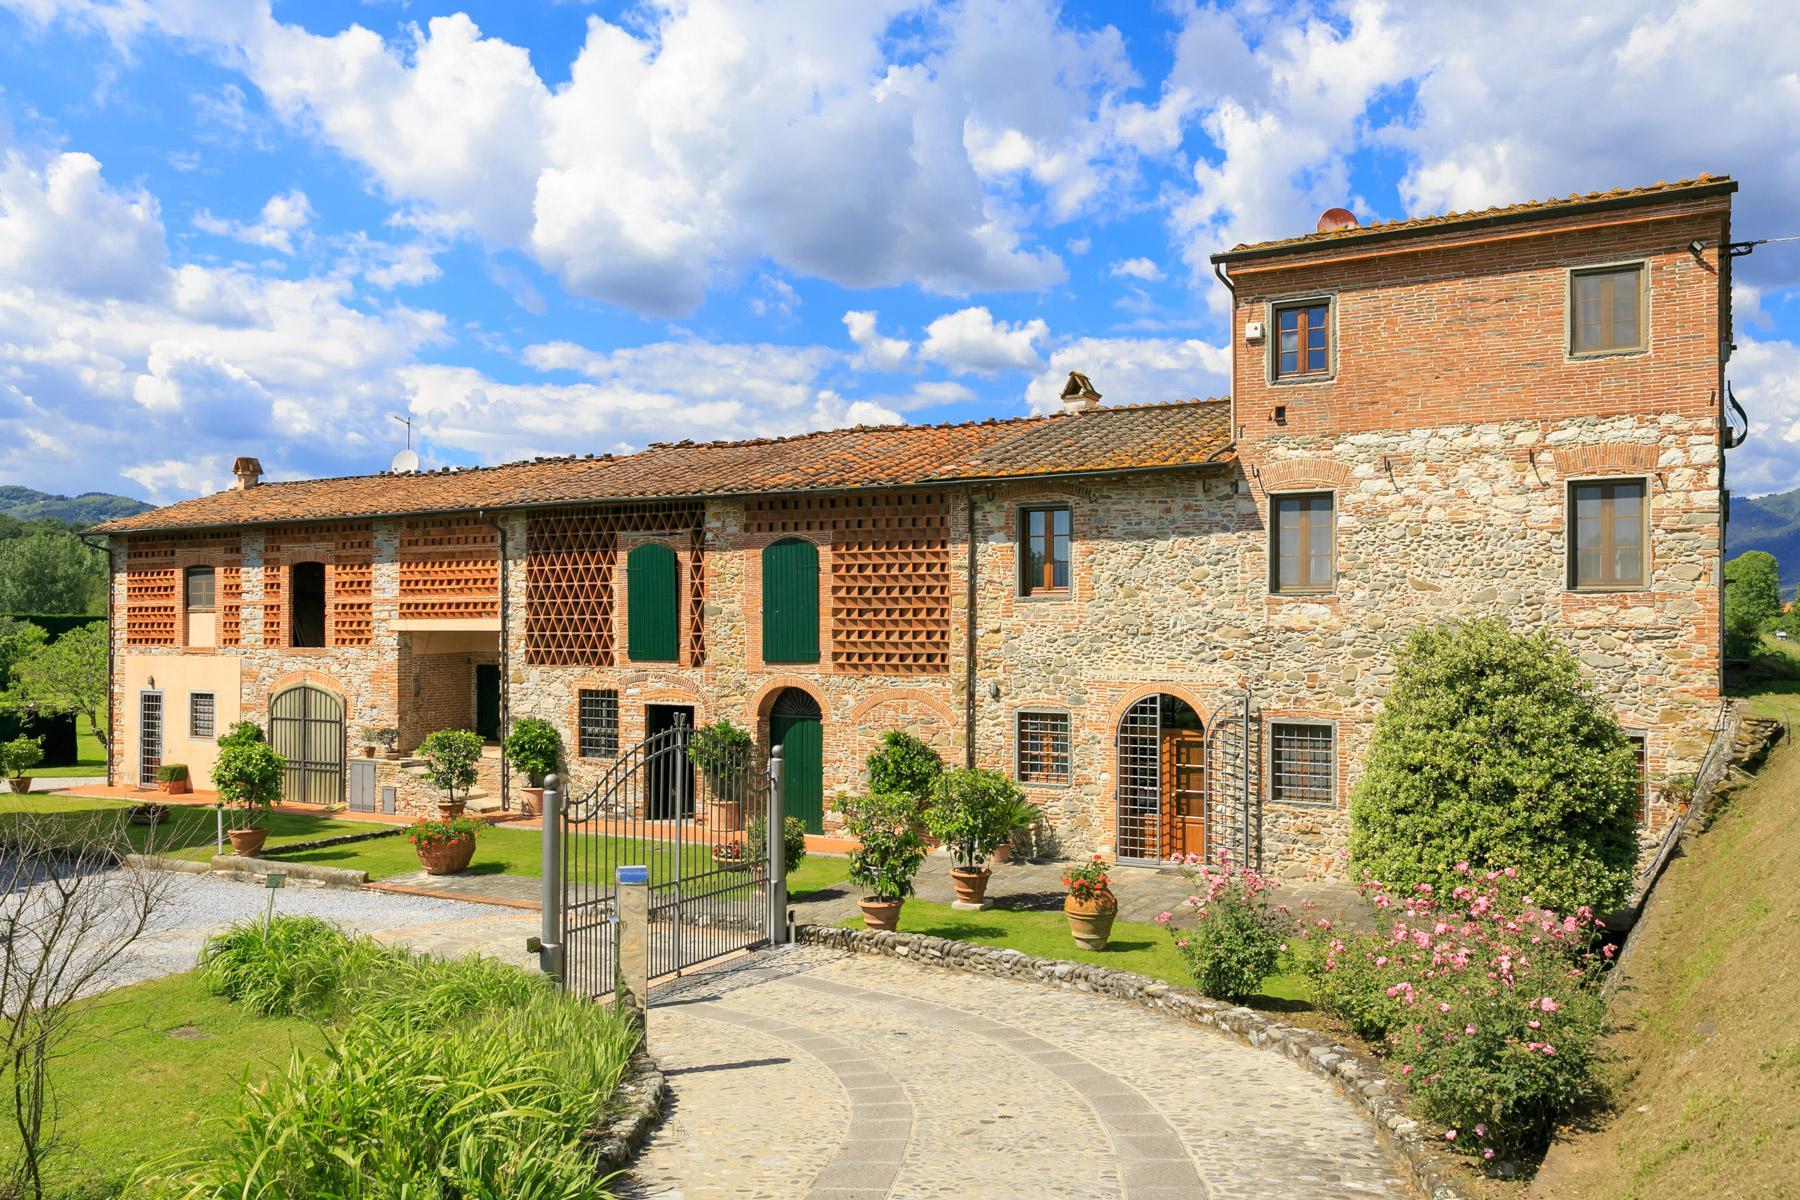 Antikes Bauernhaus auf dem Land von Lucca - 2